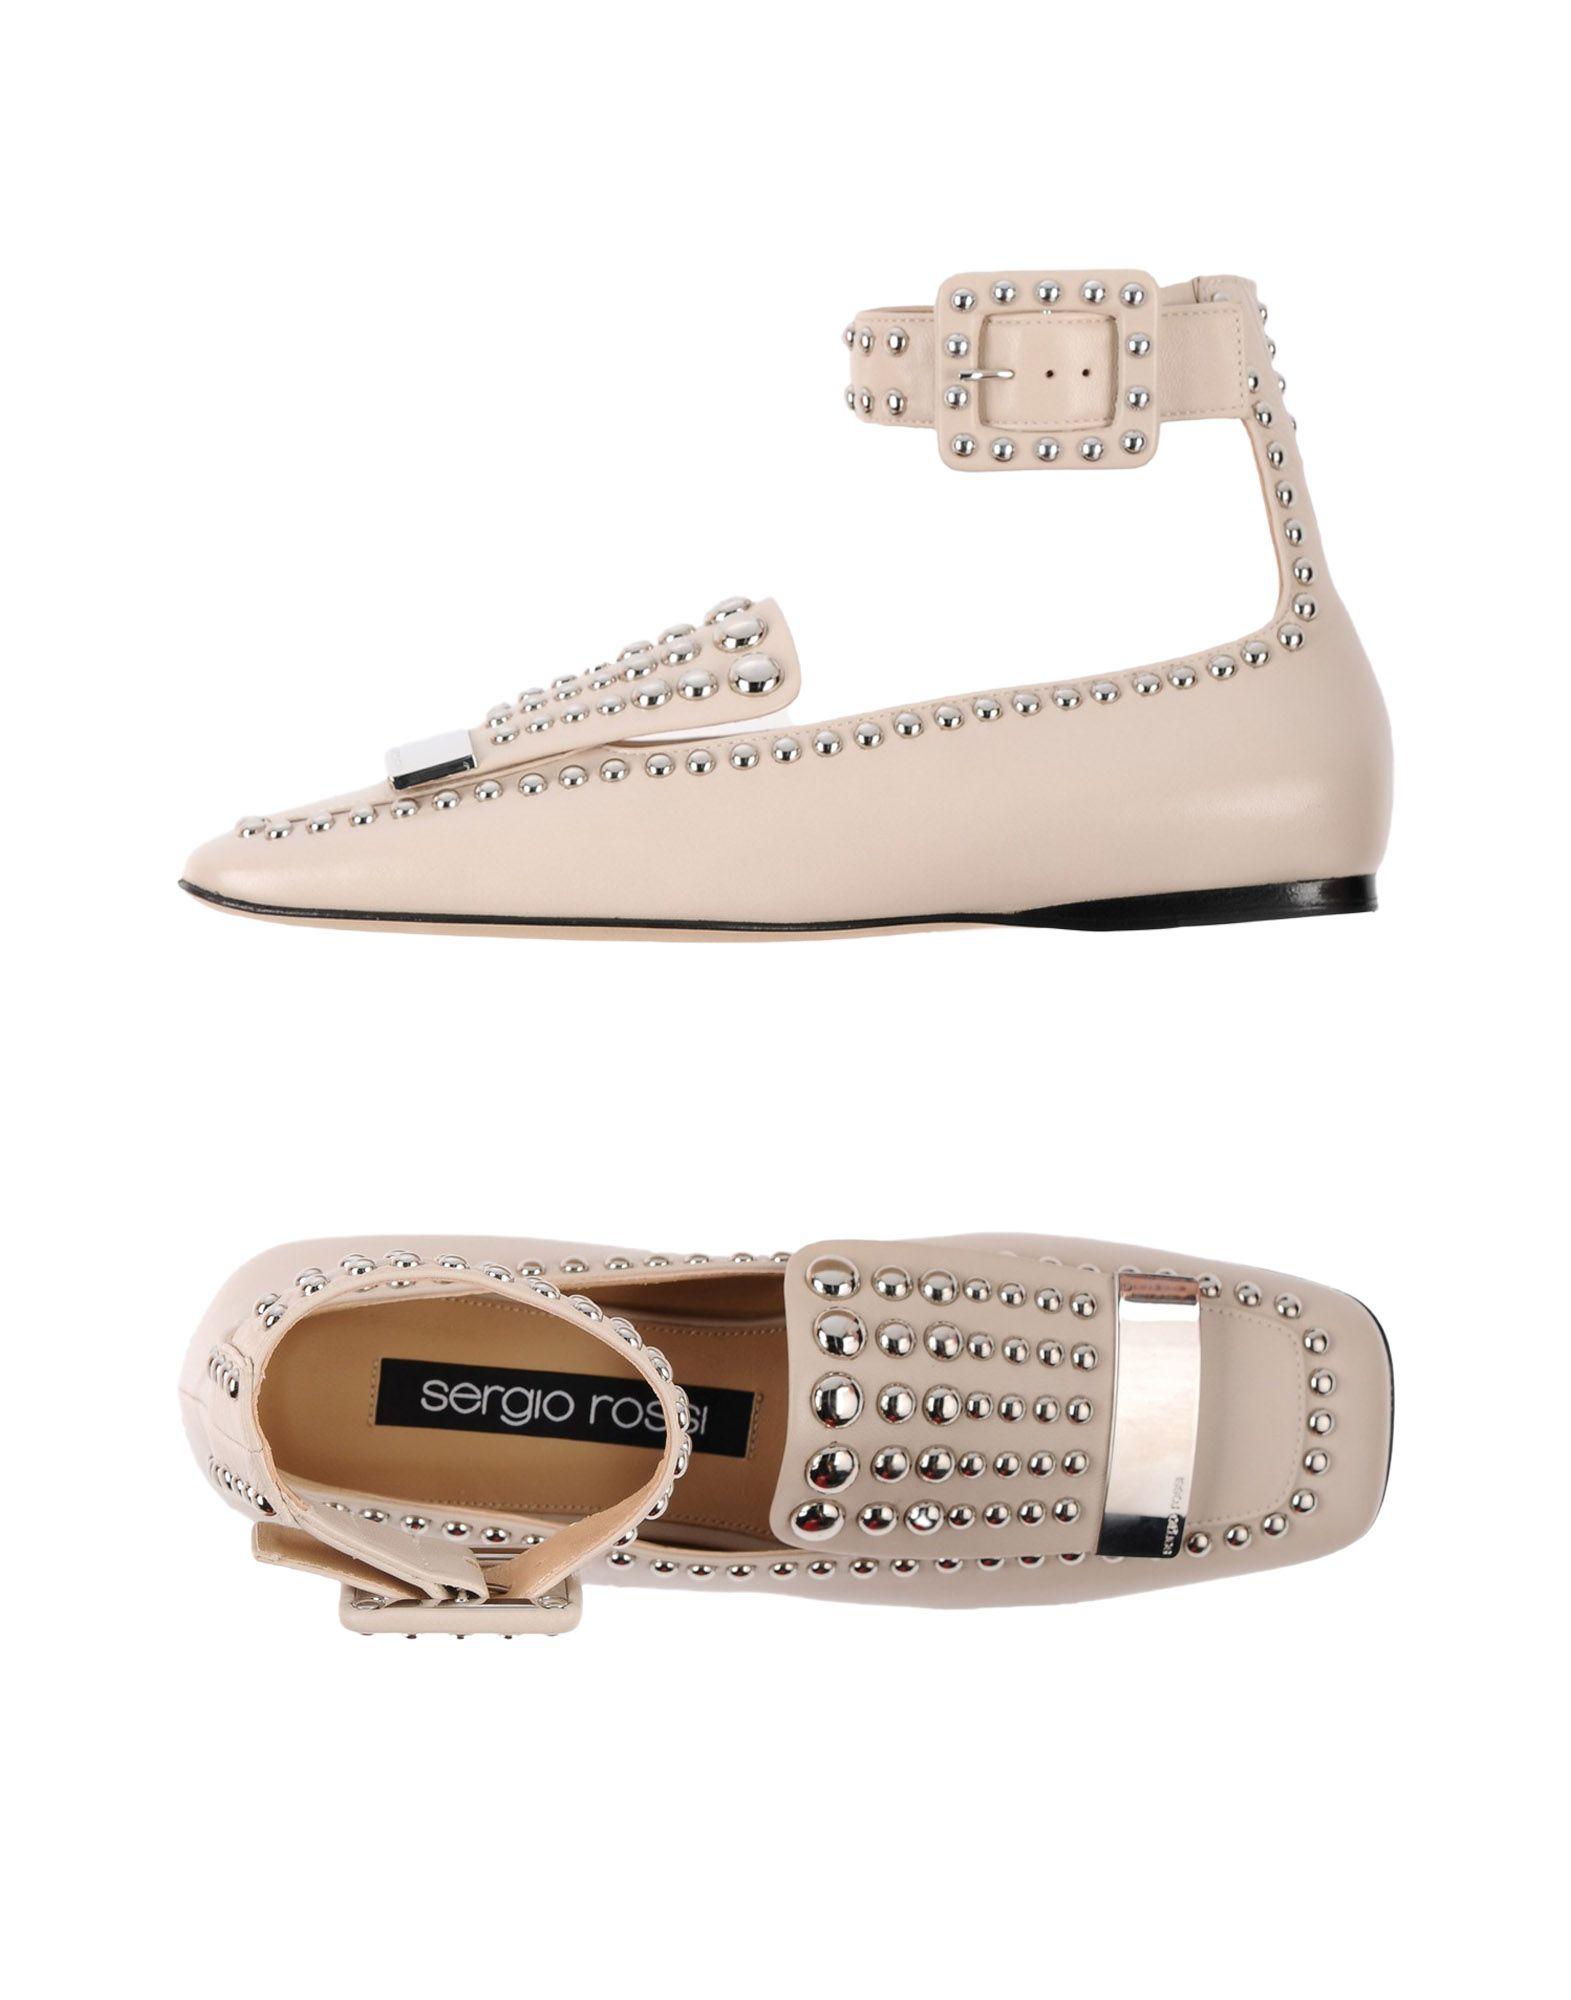 Sergio Rossi Mokassins Damen Neue  11459676EO Neue Damen Schuhe 4f5326